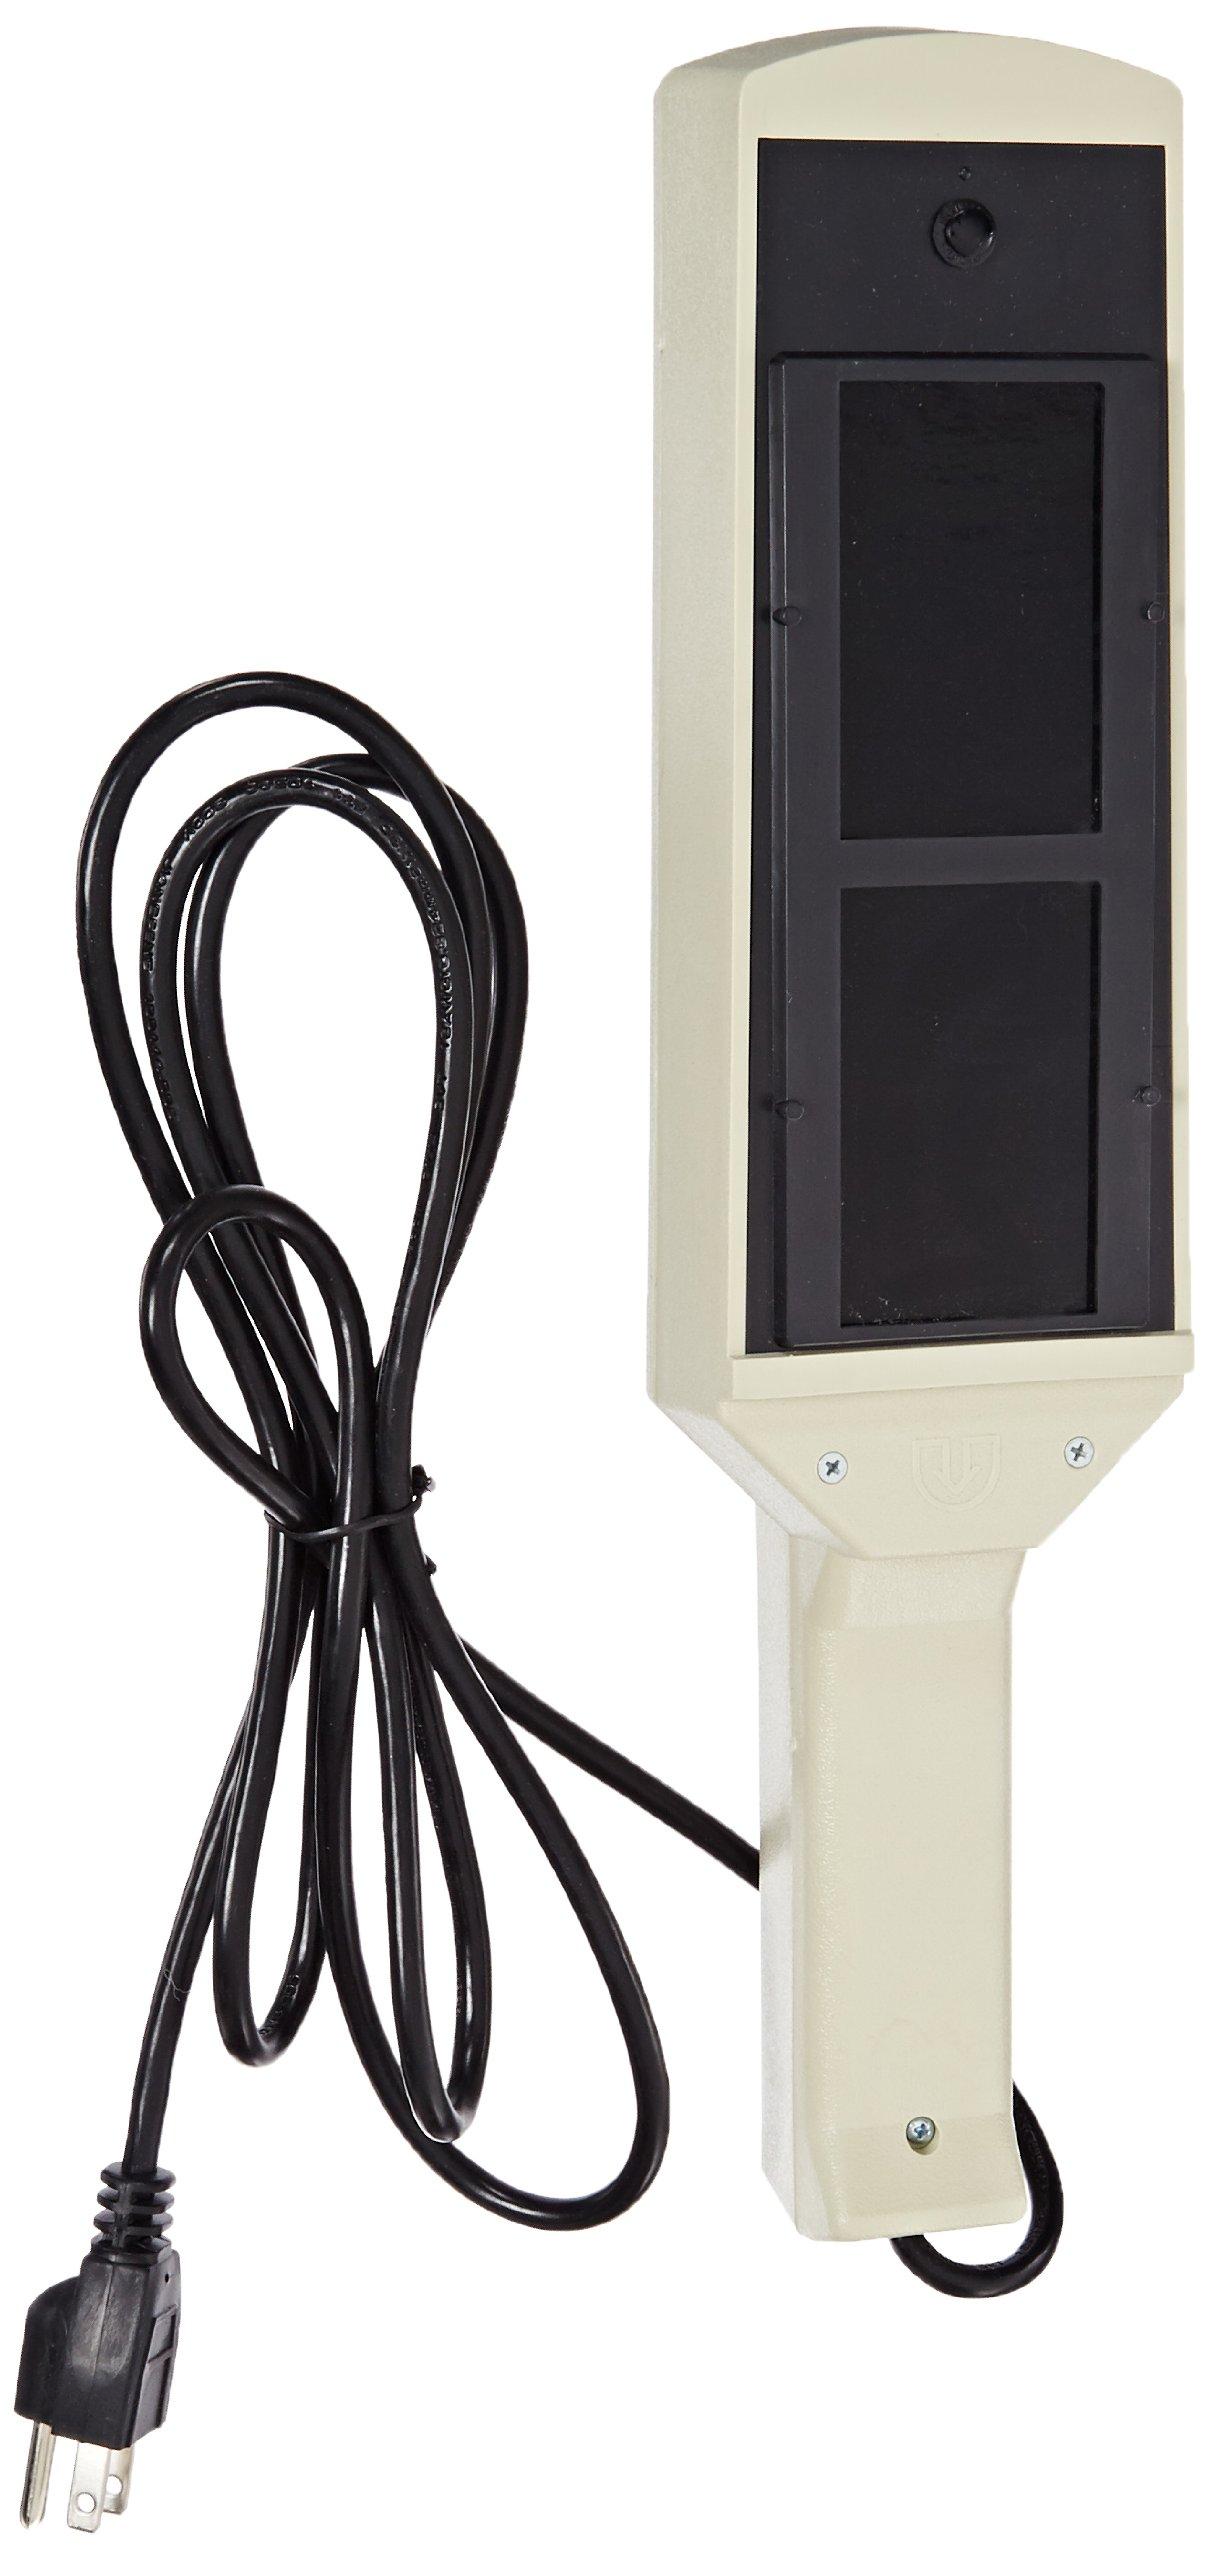 UVP 95-0006-02 Model UVL-56 Handheld 6 Watt UV Lamp, 365nm Wavelength, 115V